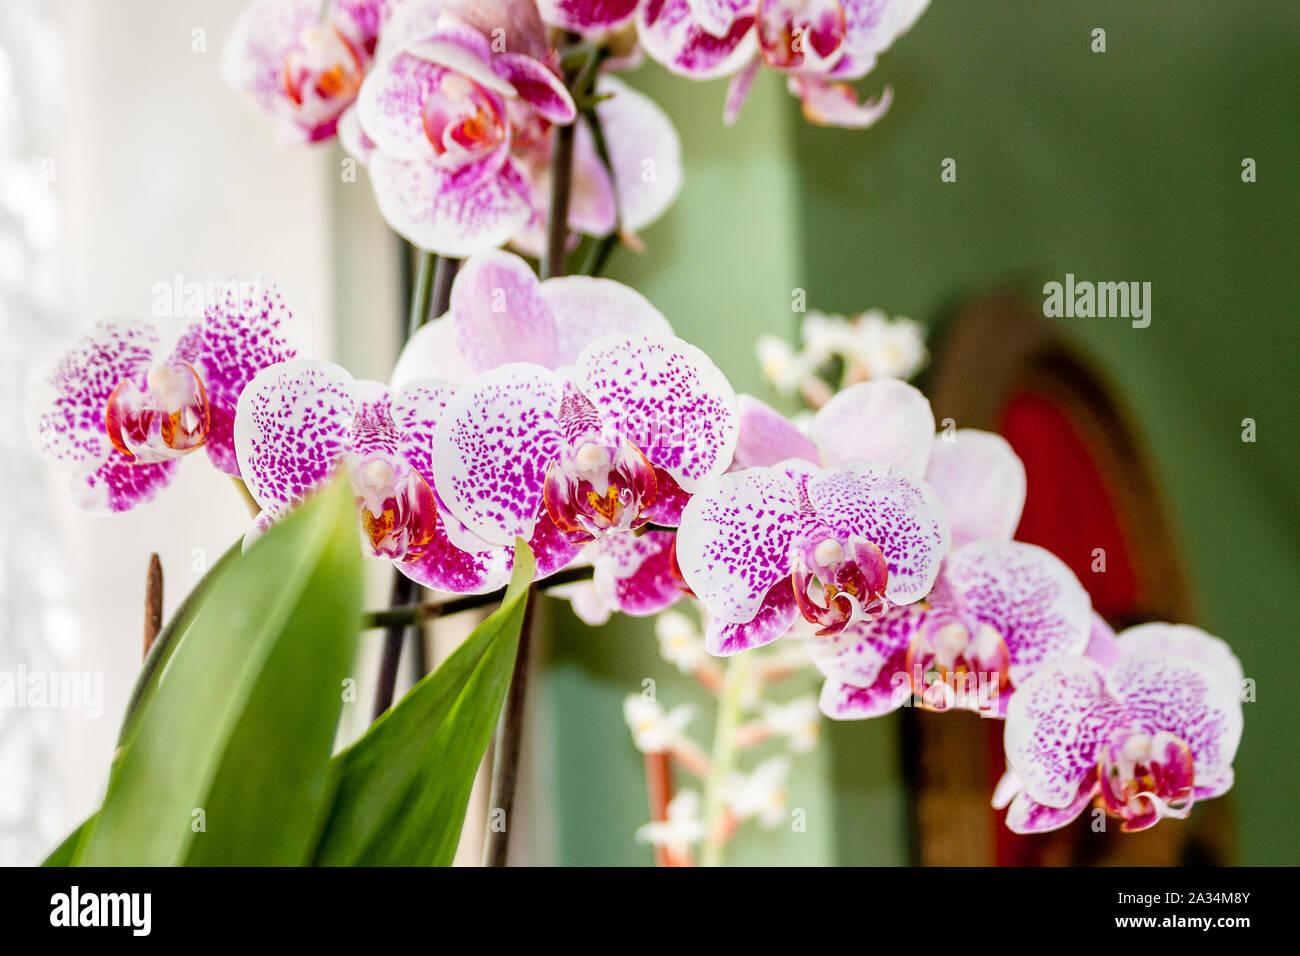 Hornsey, Londres, Reino Unido 5 Oct.2019. Casa plantas y orquídeas. Foto de stock